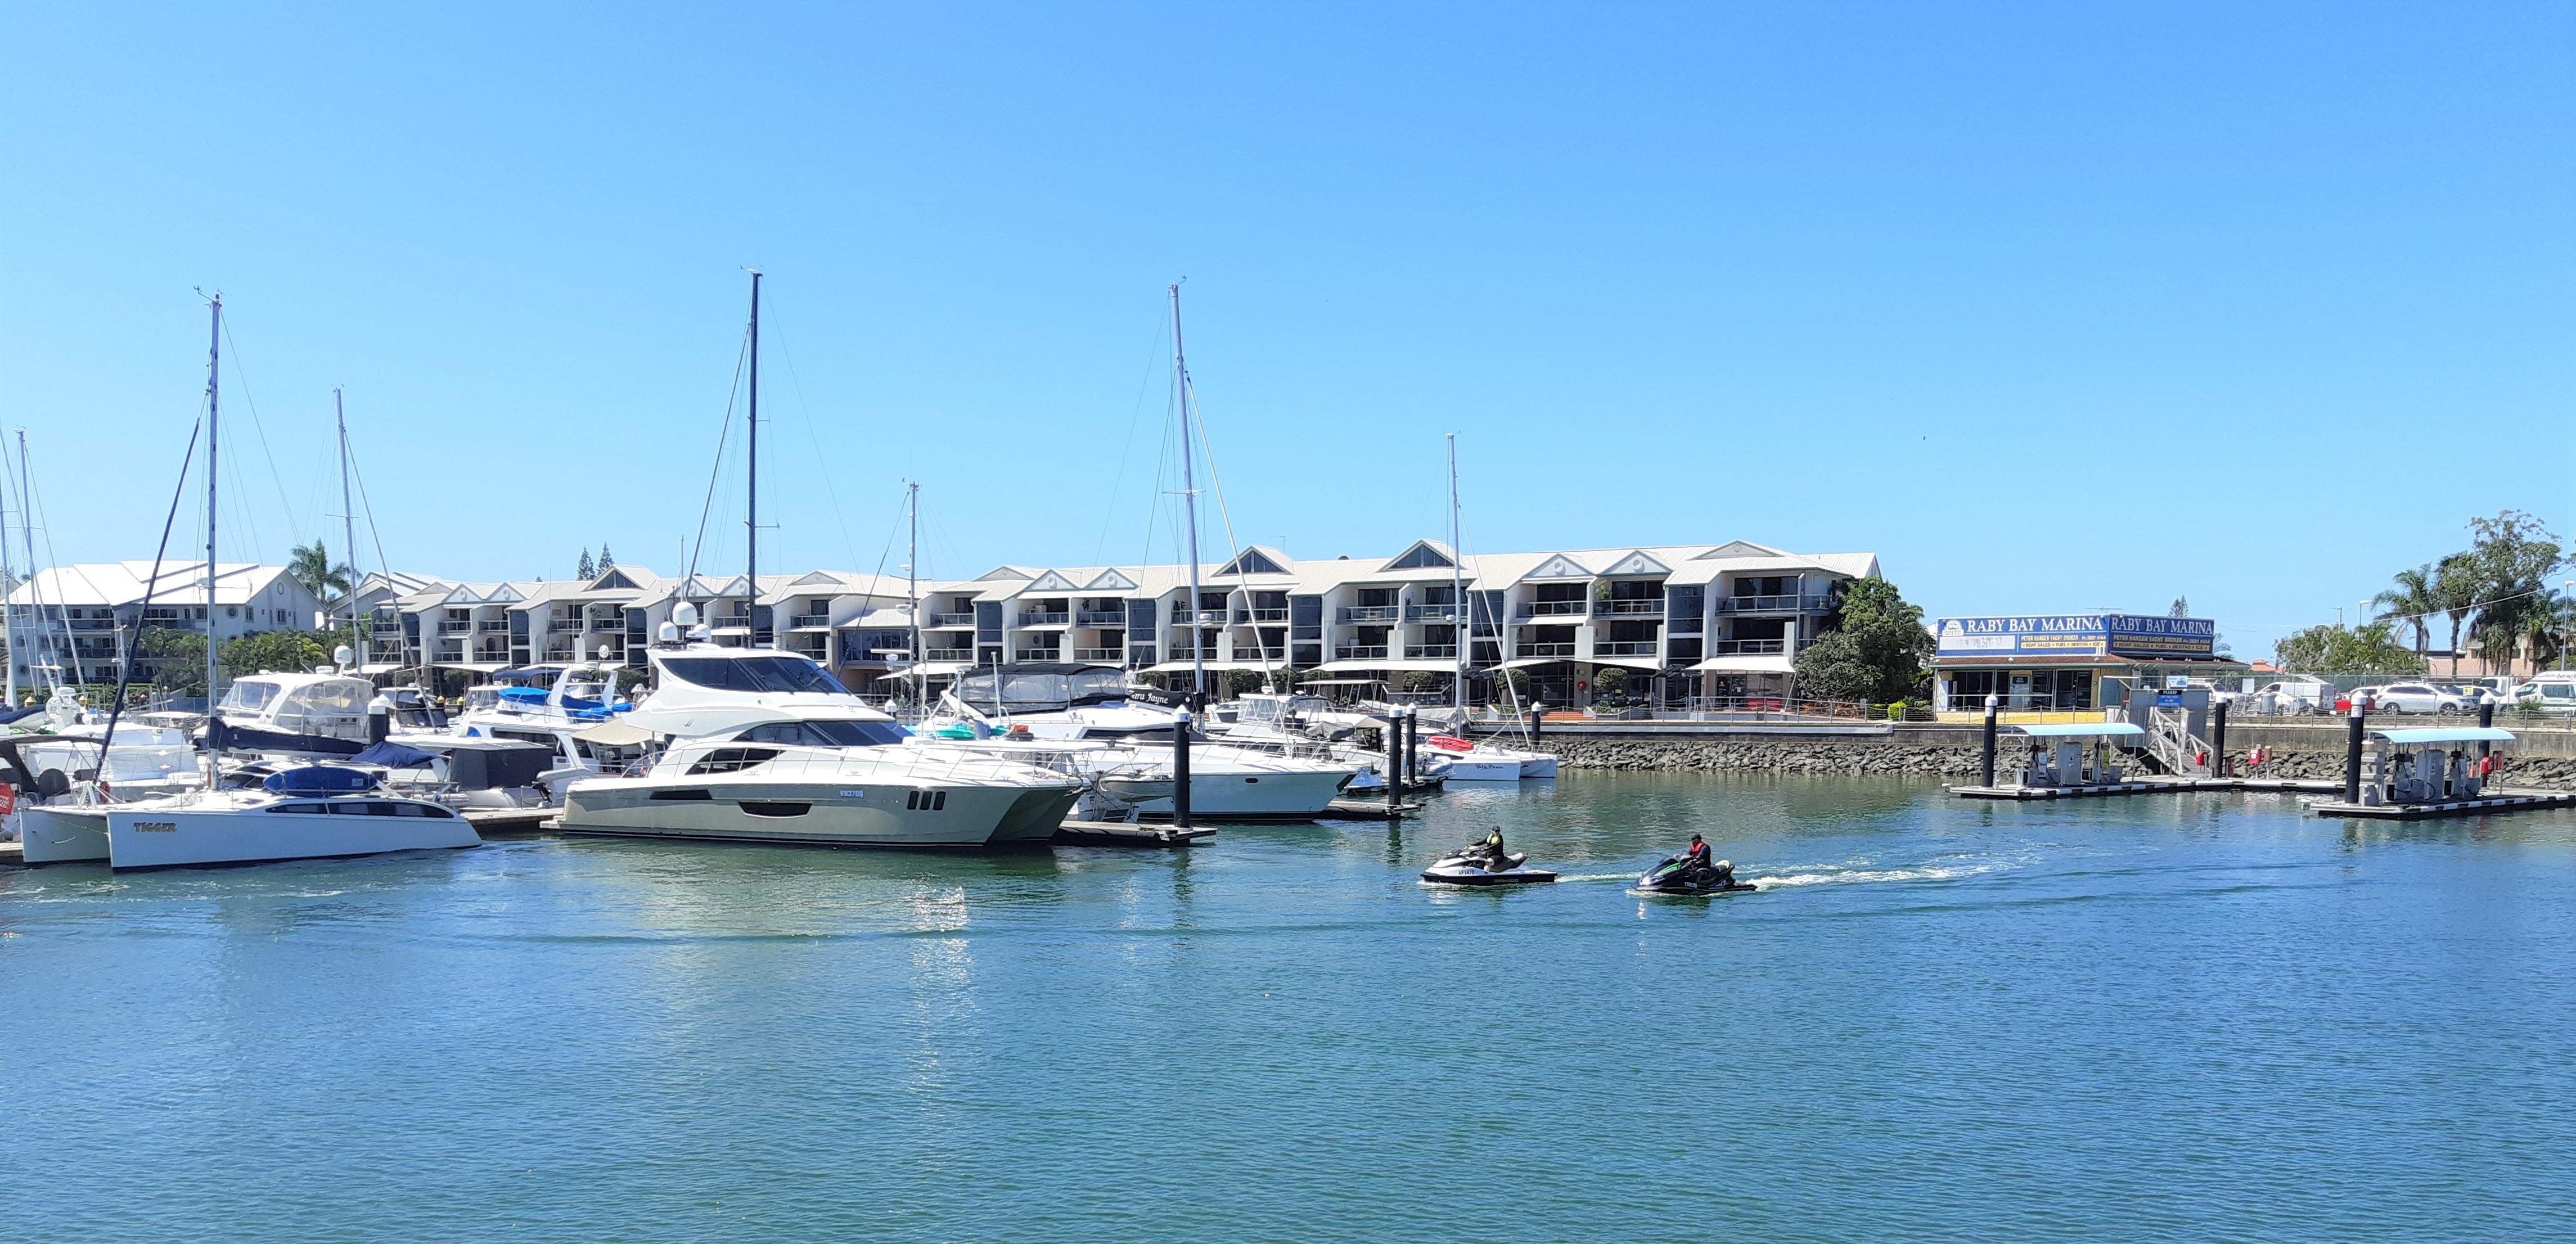 Raby Bay Marina